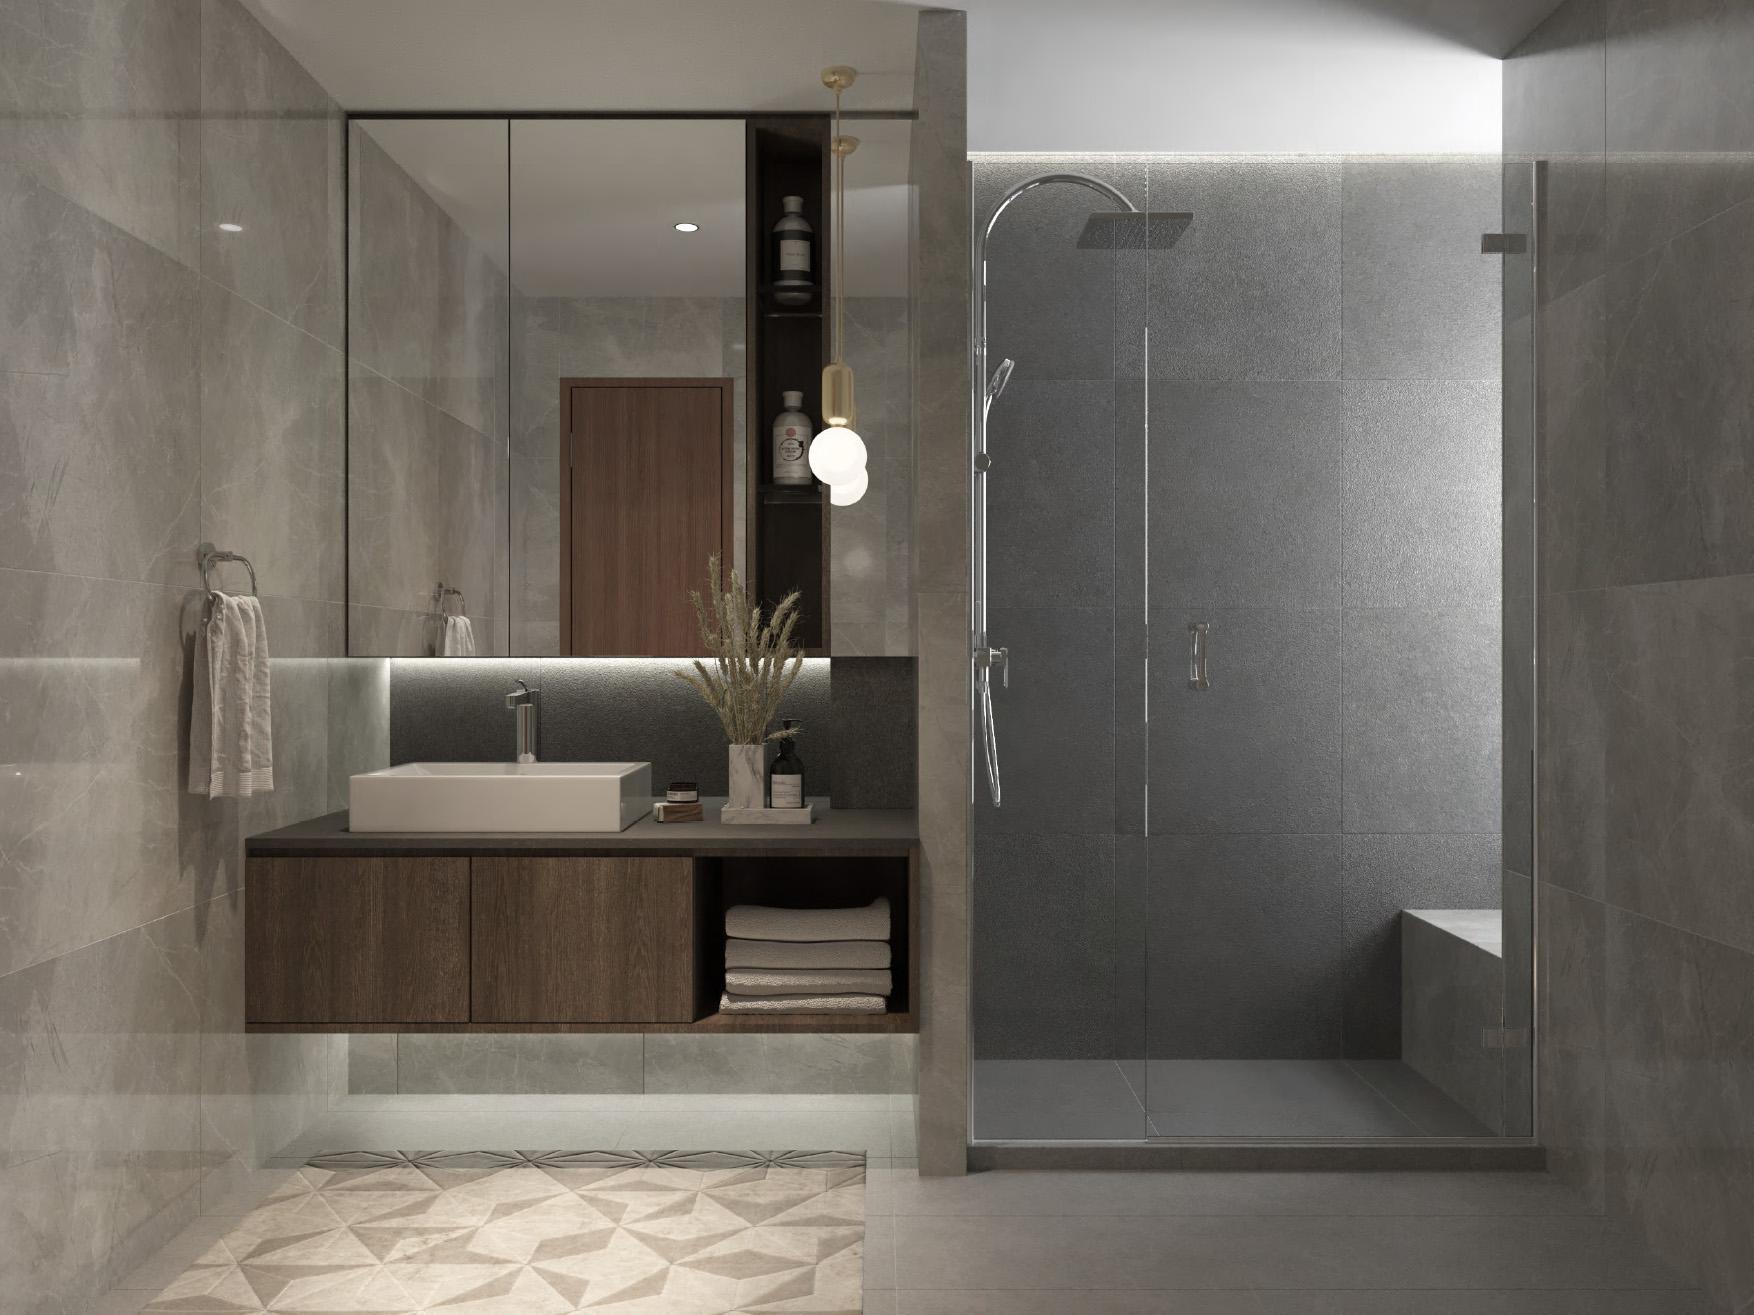 009 - Master Bath